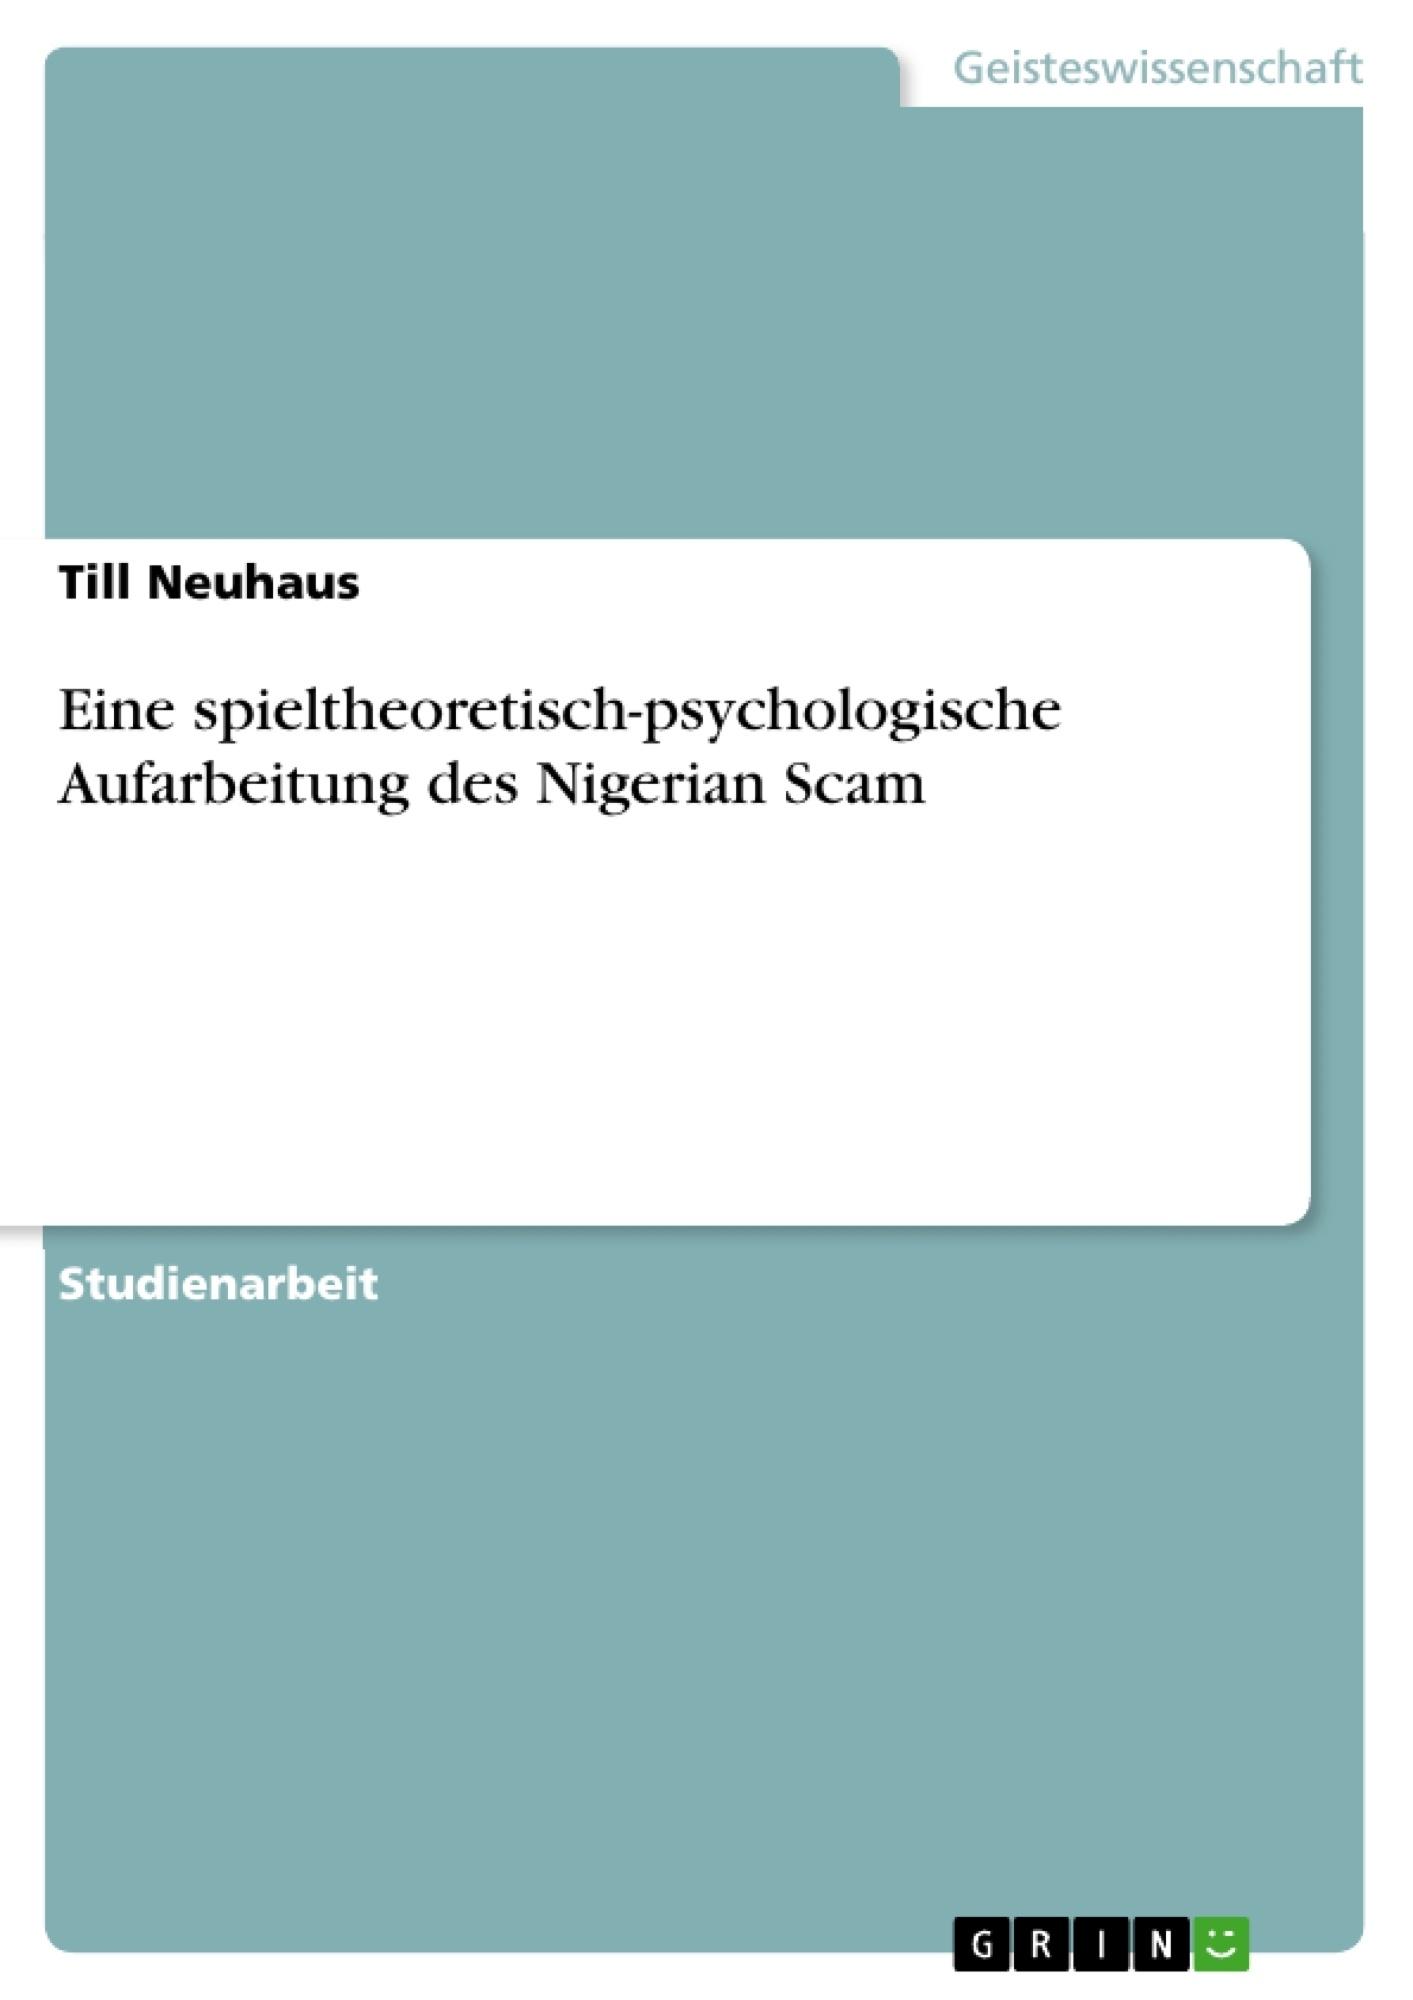 Titel: Eine spieltheoretisch-psychologische Aufarbeitung des Nigerian Scam